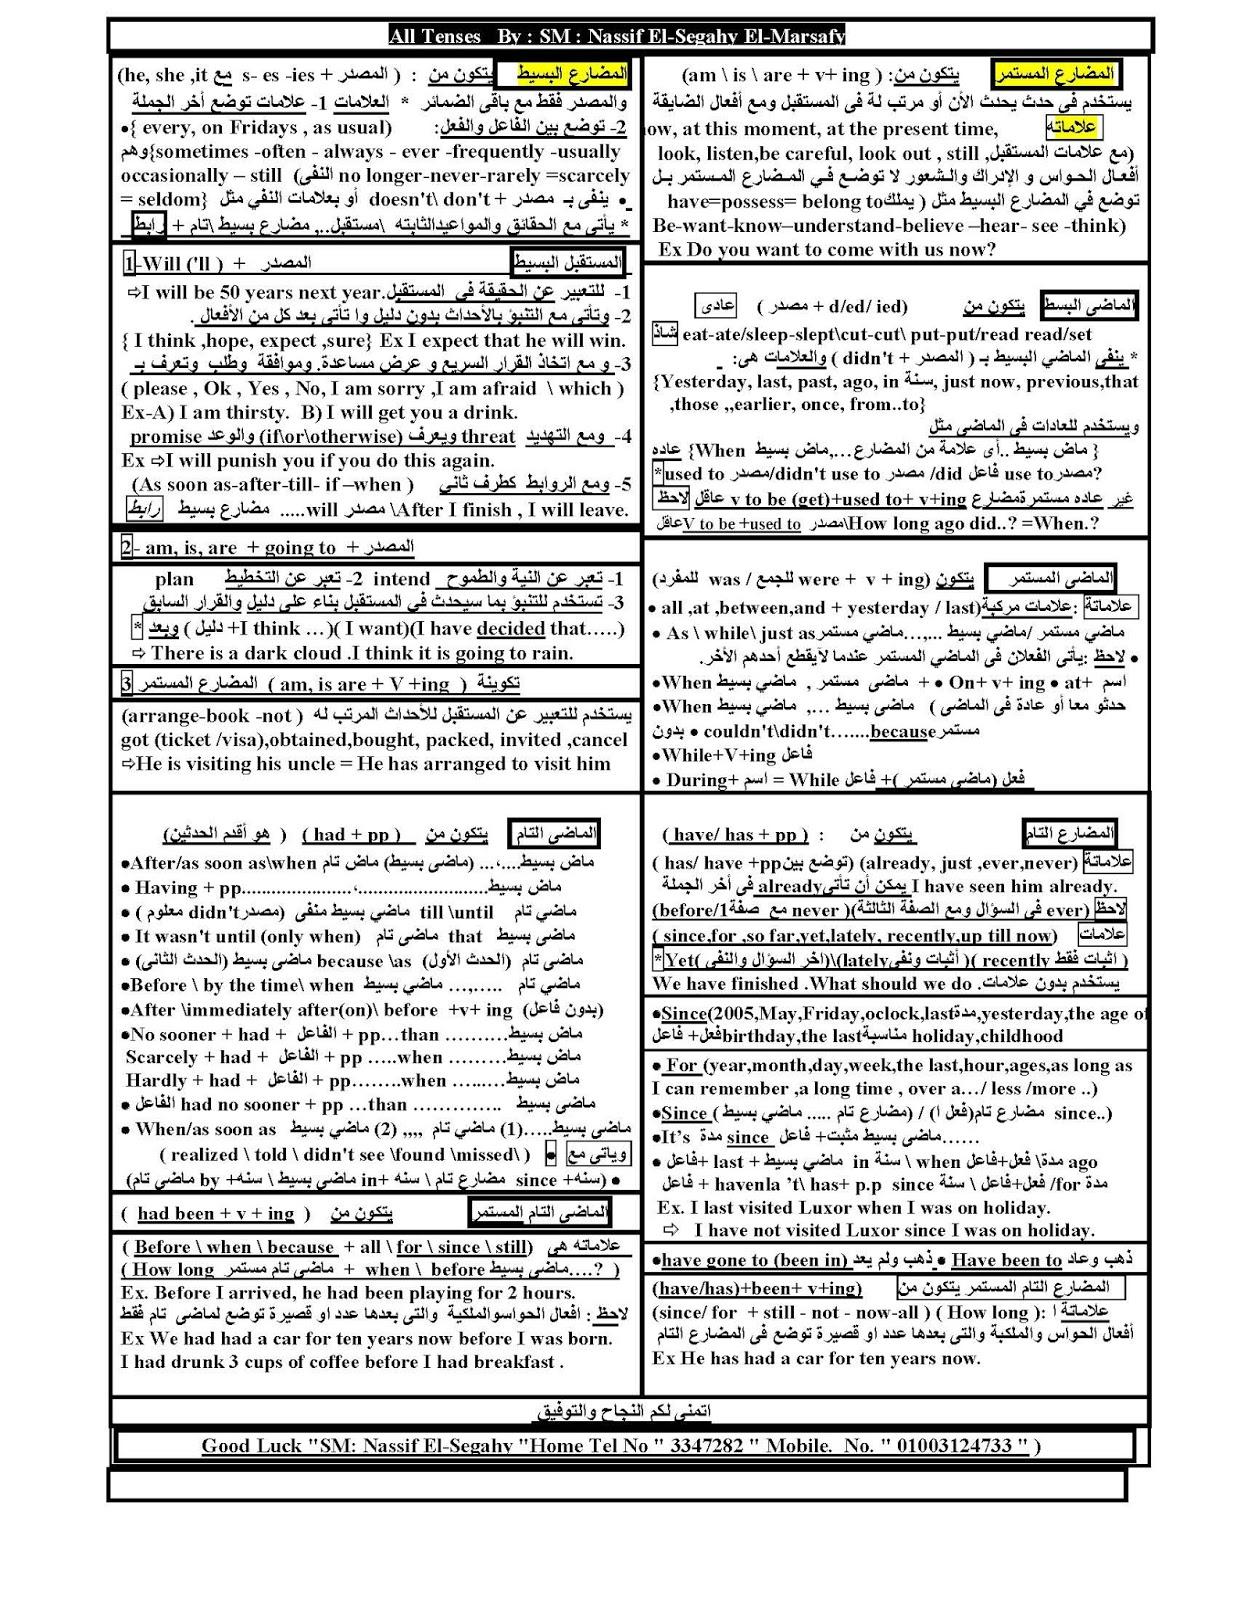 لغة انجليزية l القواعد والازمنة كاملة في ورقتين All%2Btenses%2BBy%2BSM%2BNassif